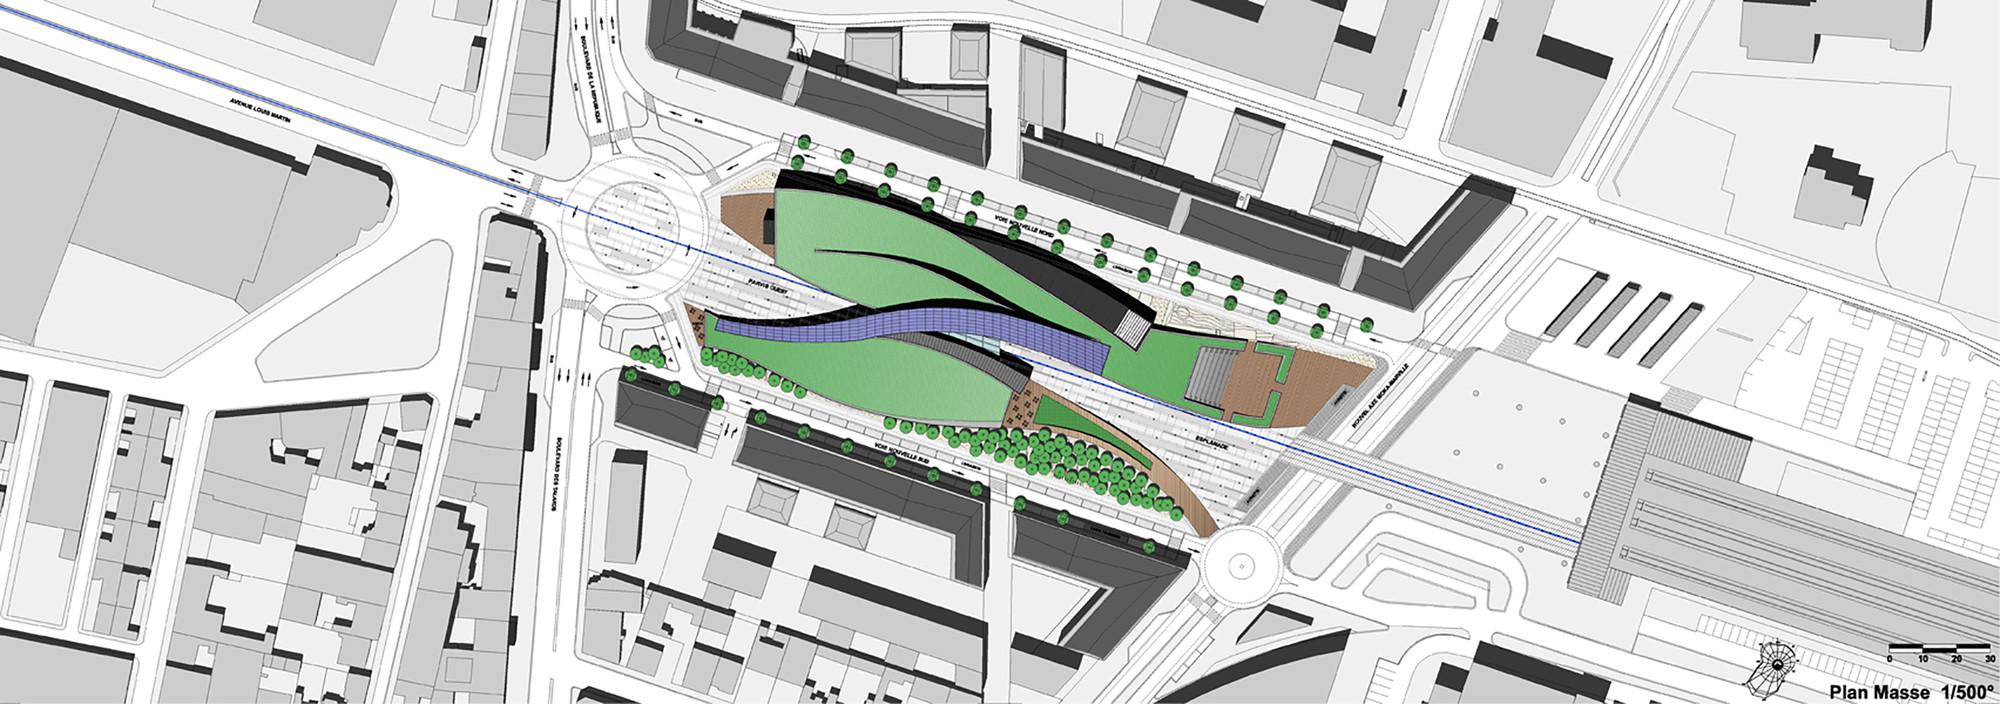 Gallery of la grande passerelle architecture studio 10 for Plan masse architecture